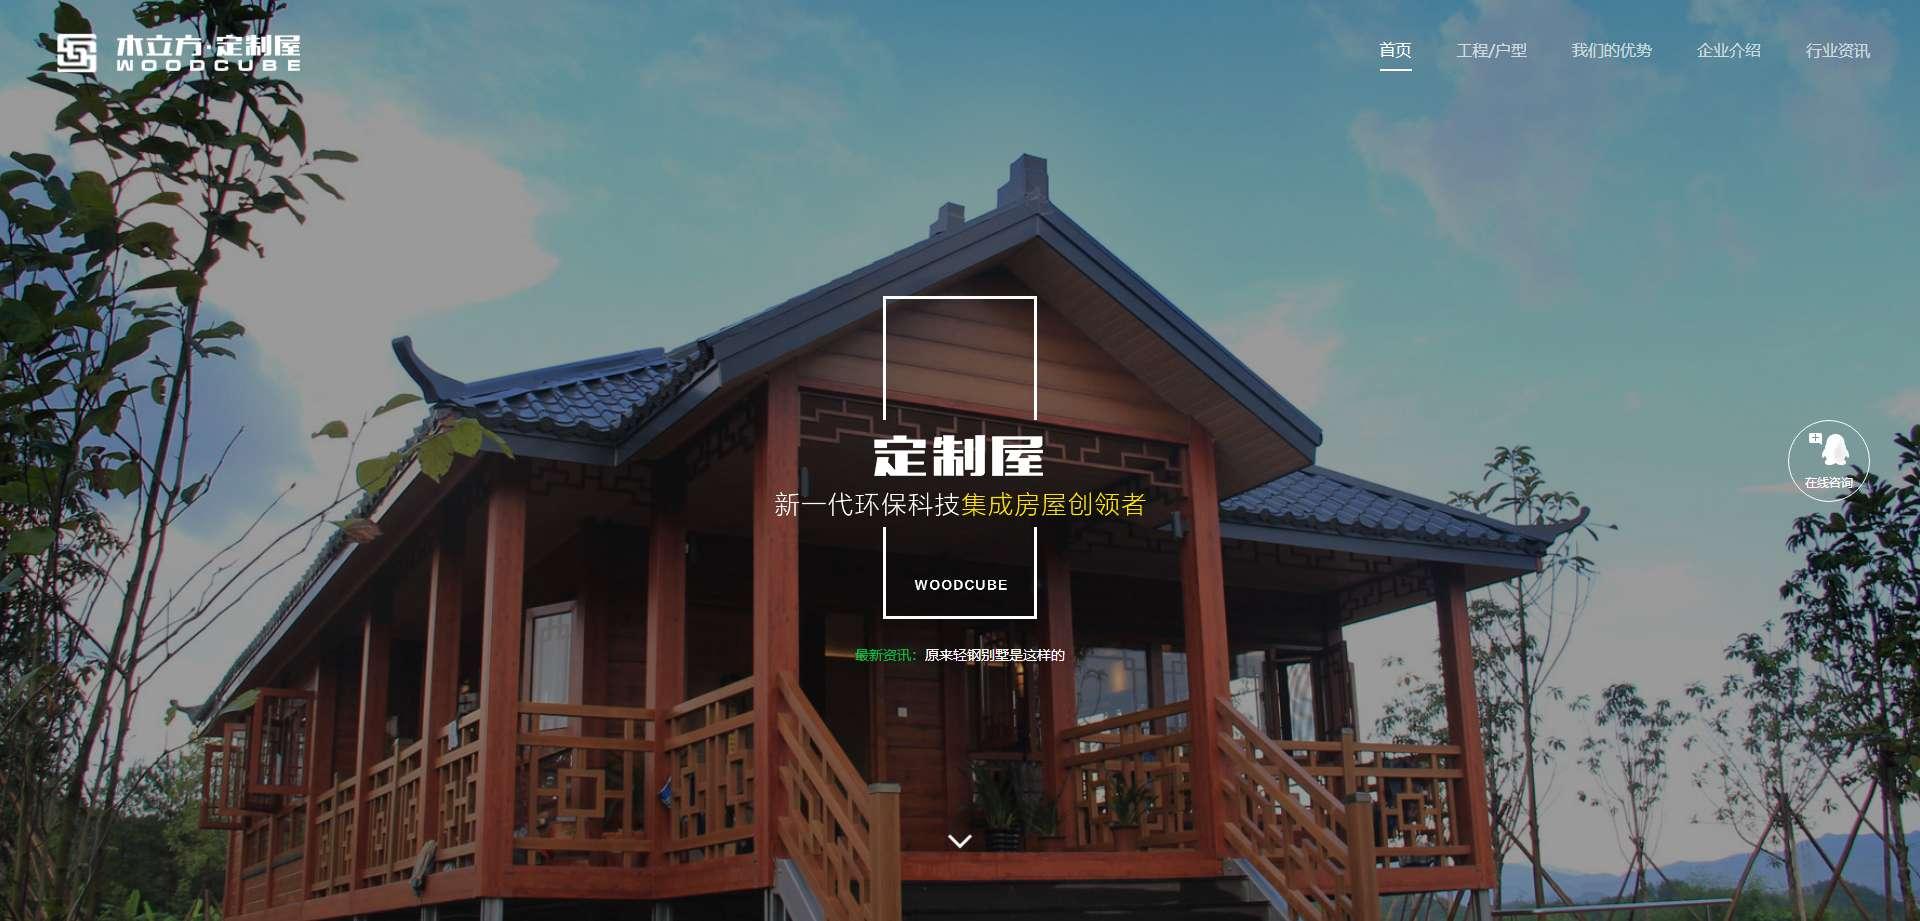 响应式建筑材料木屋类织梦网站建设模板